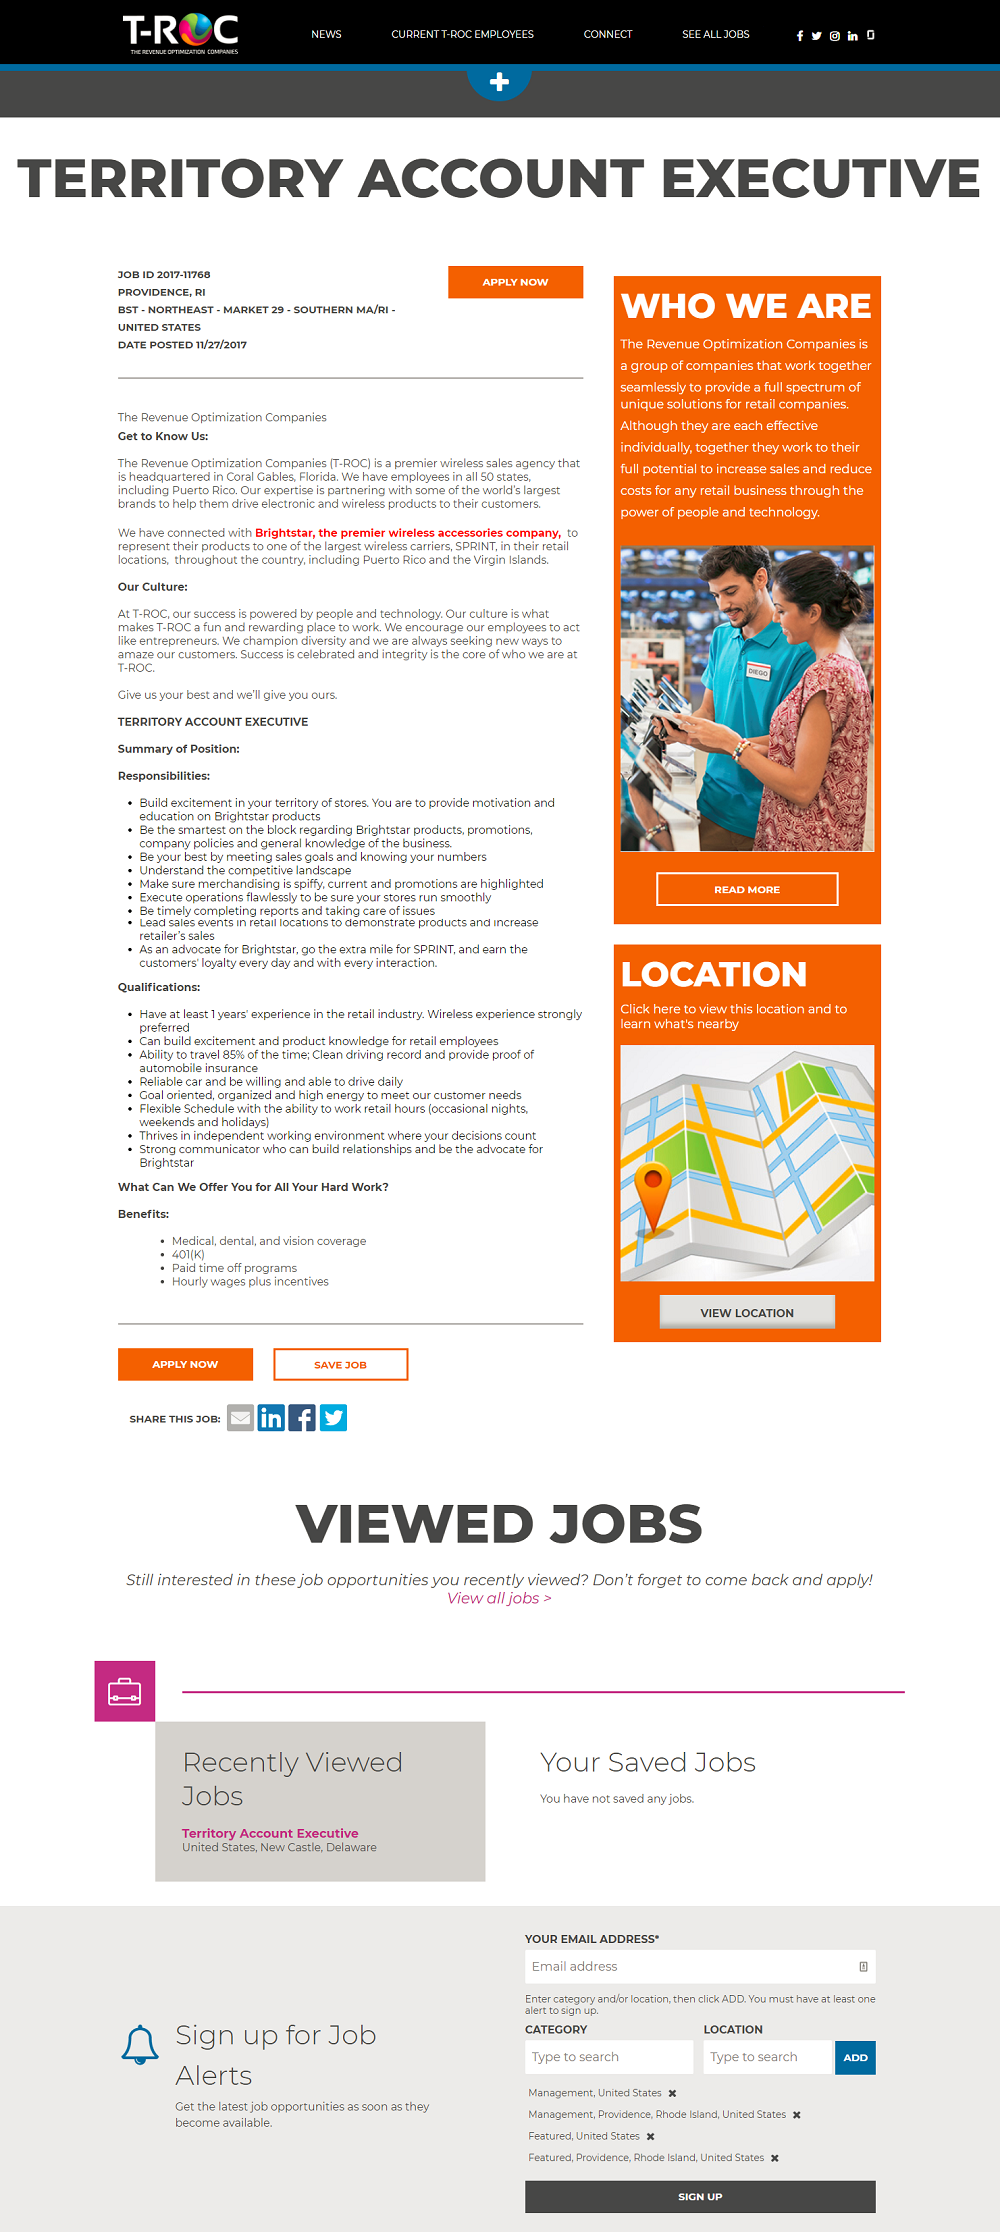 TROC iCims ATS Job Description Page